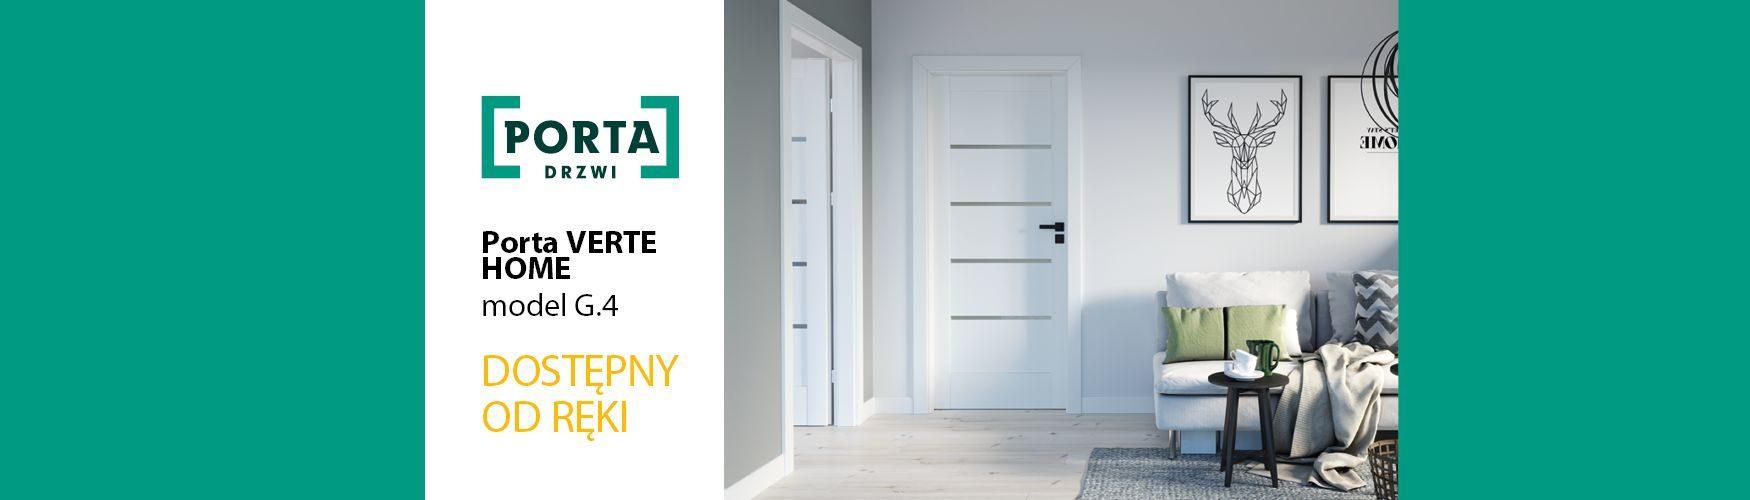 Porta Verte Home dostępne od ręki Slide